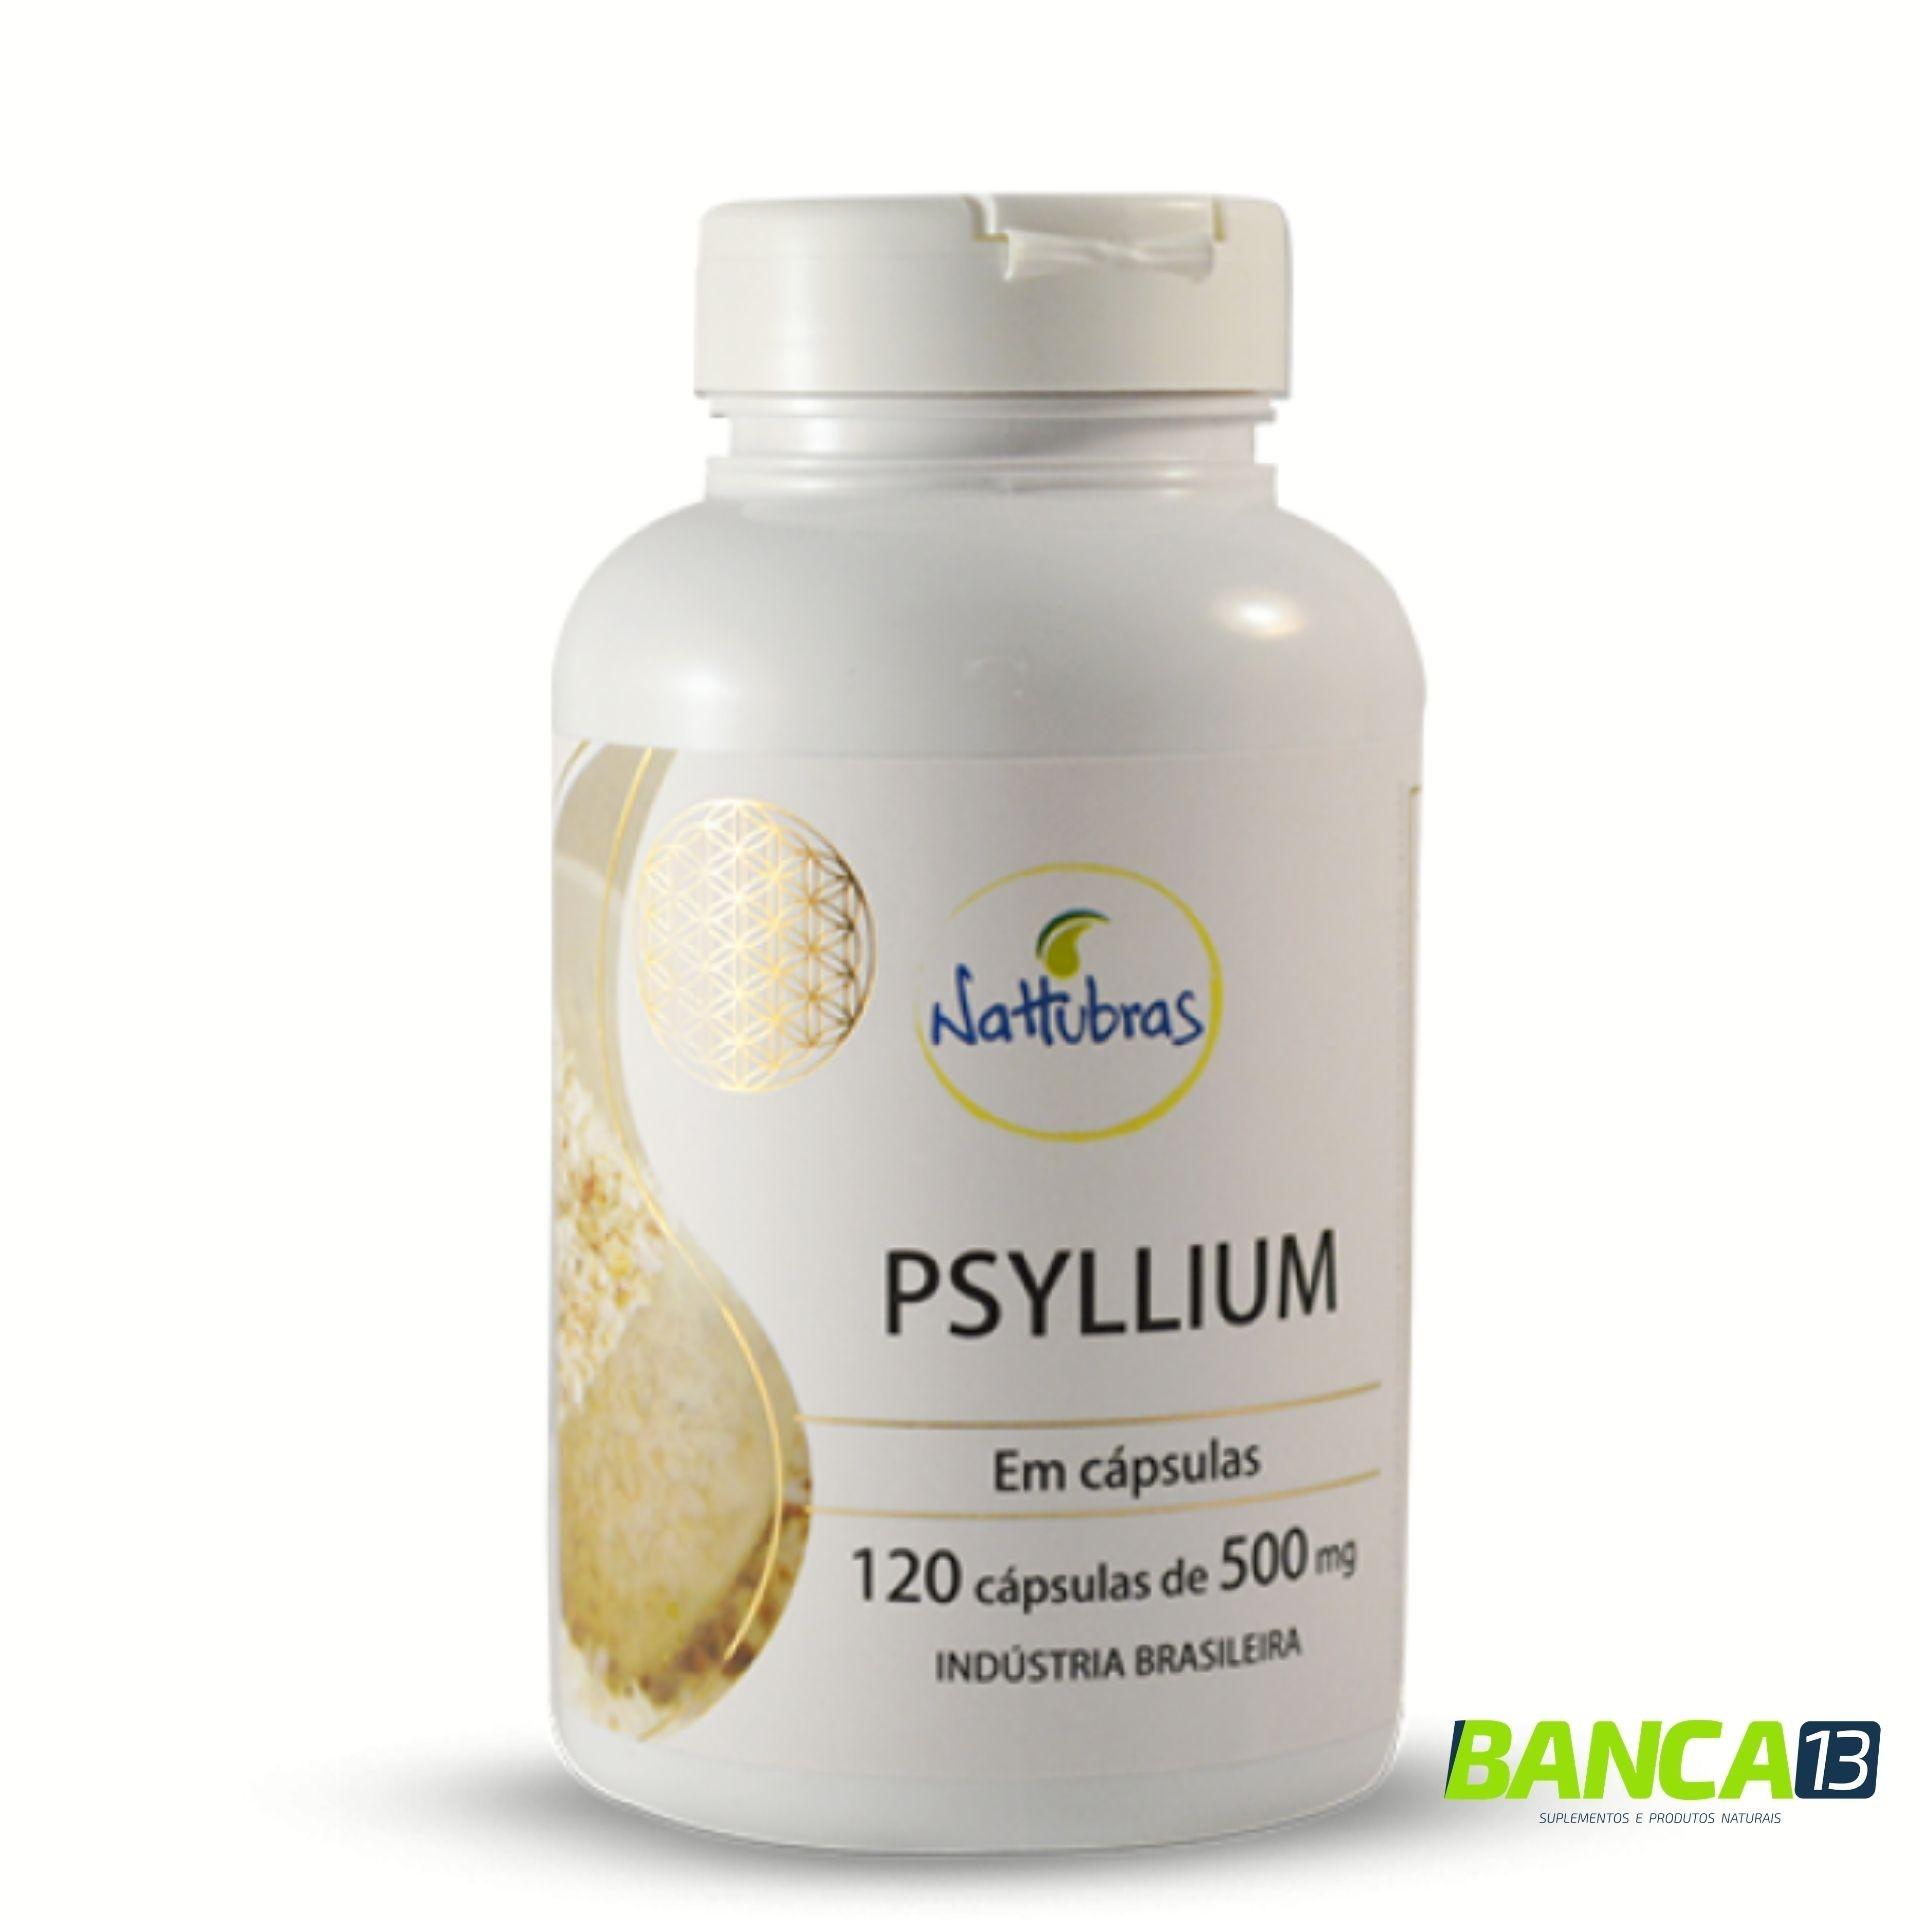 PSYLLIUM 120 cápsulas 500mg - NATTUBRAS